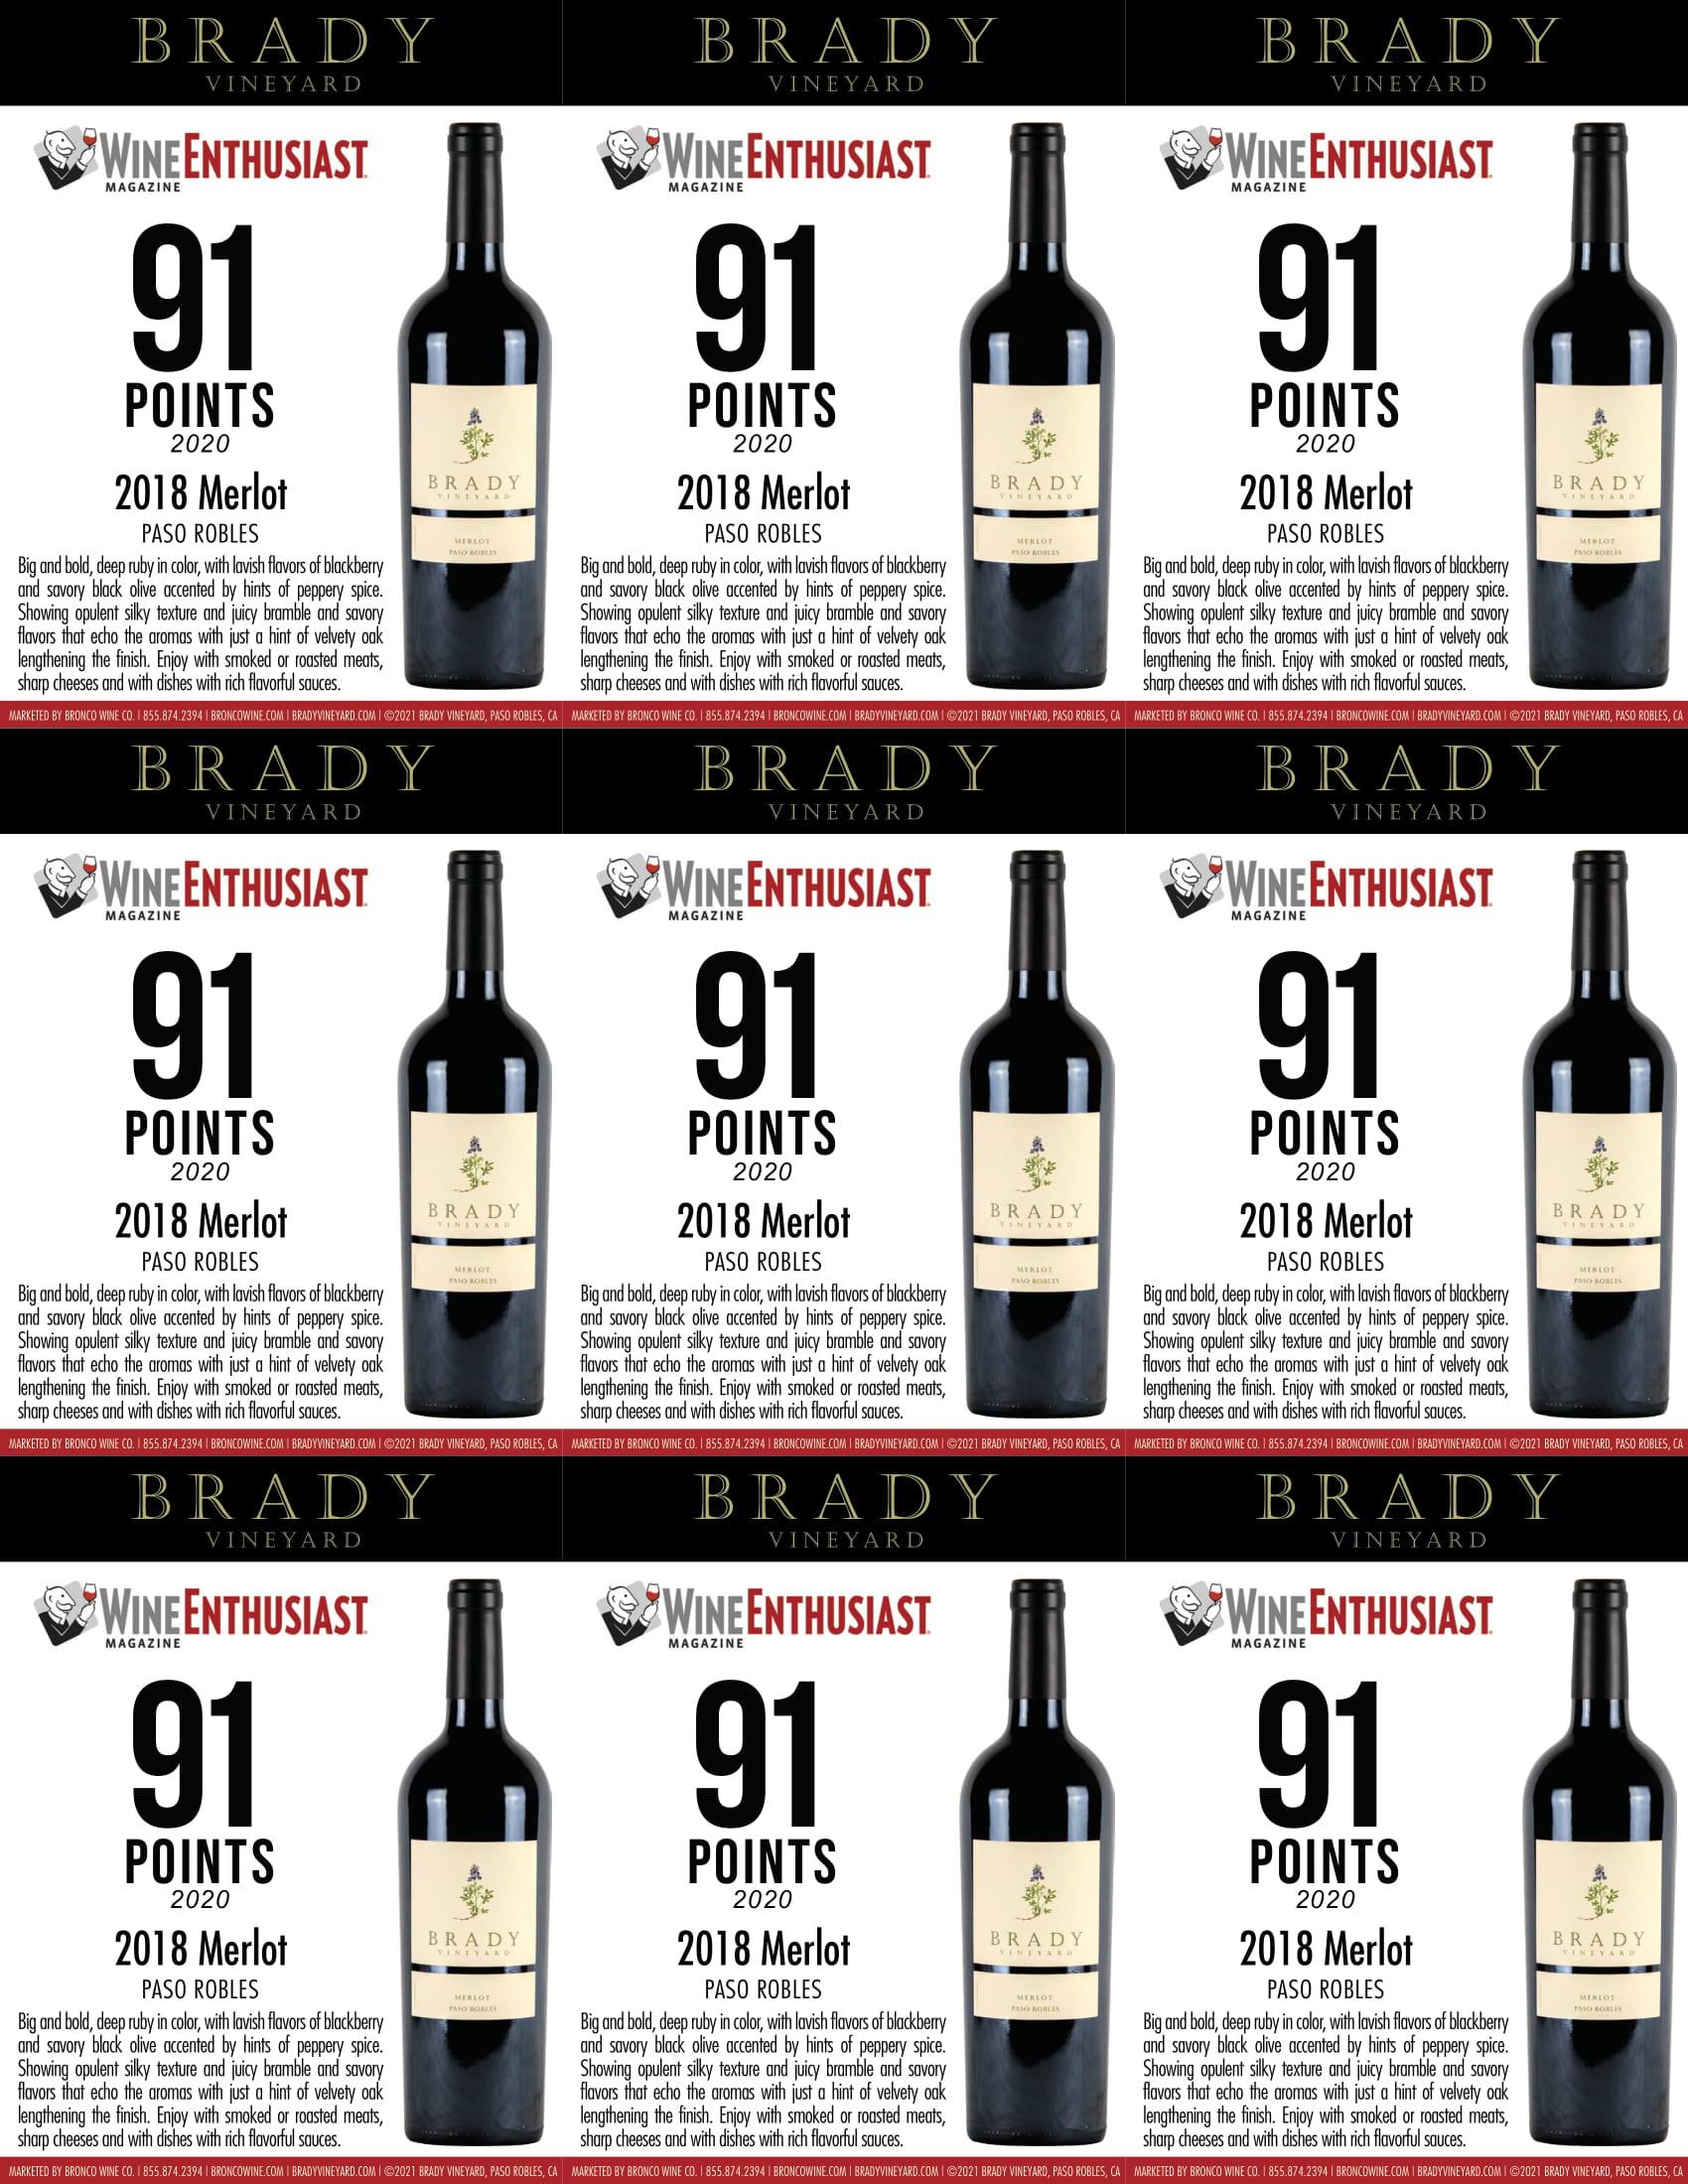 Brady Vineyards Merlot Shelf Talkers